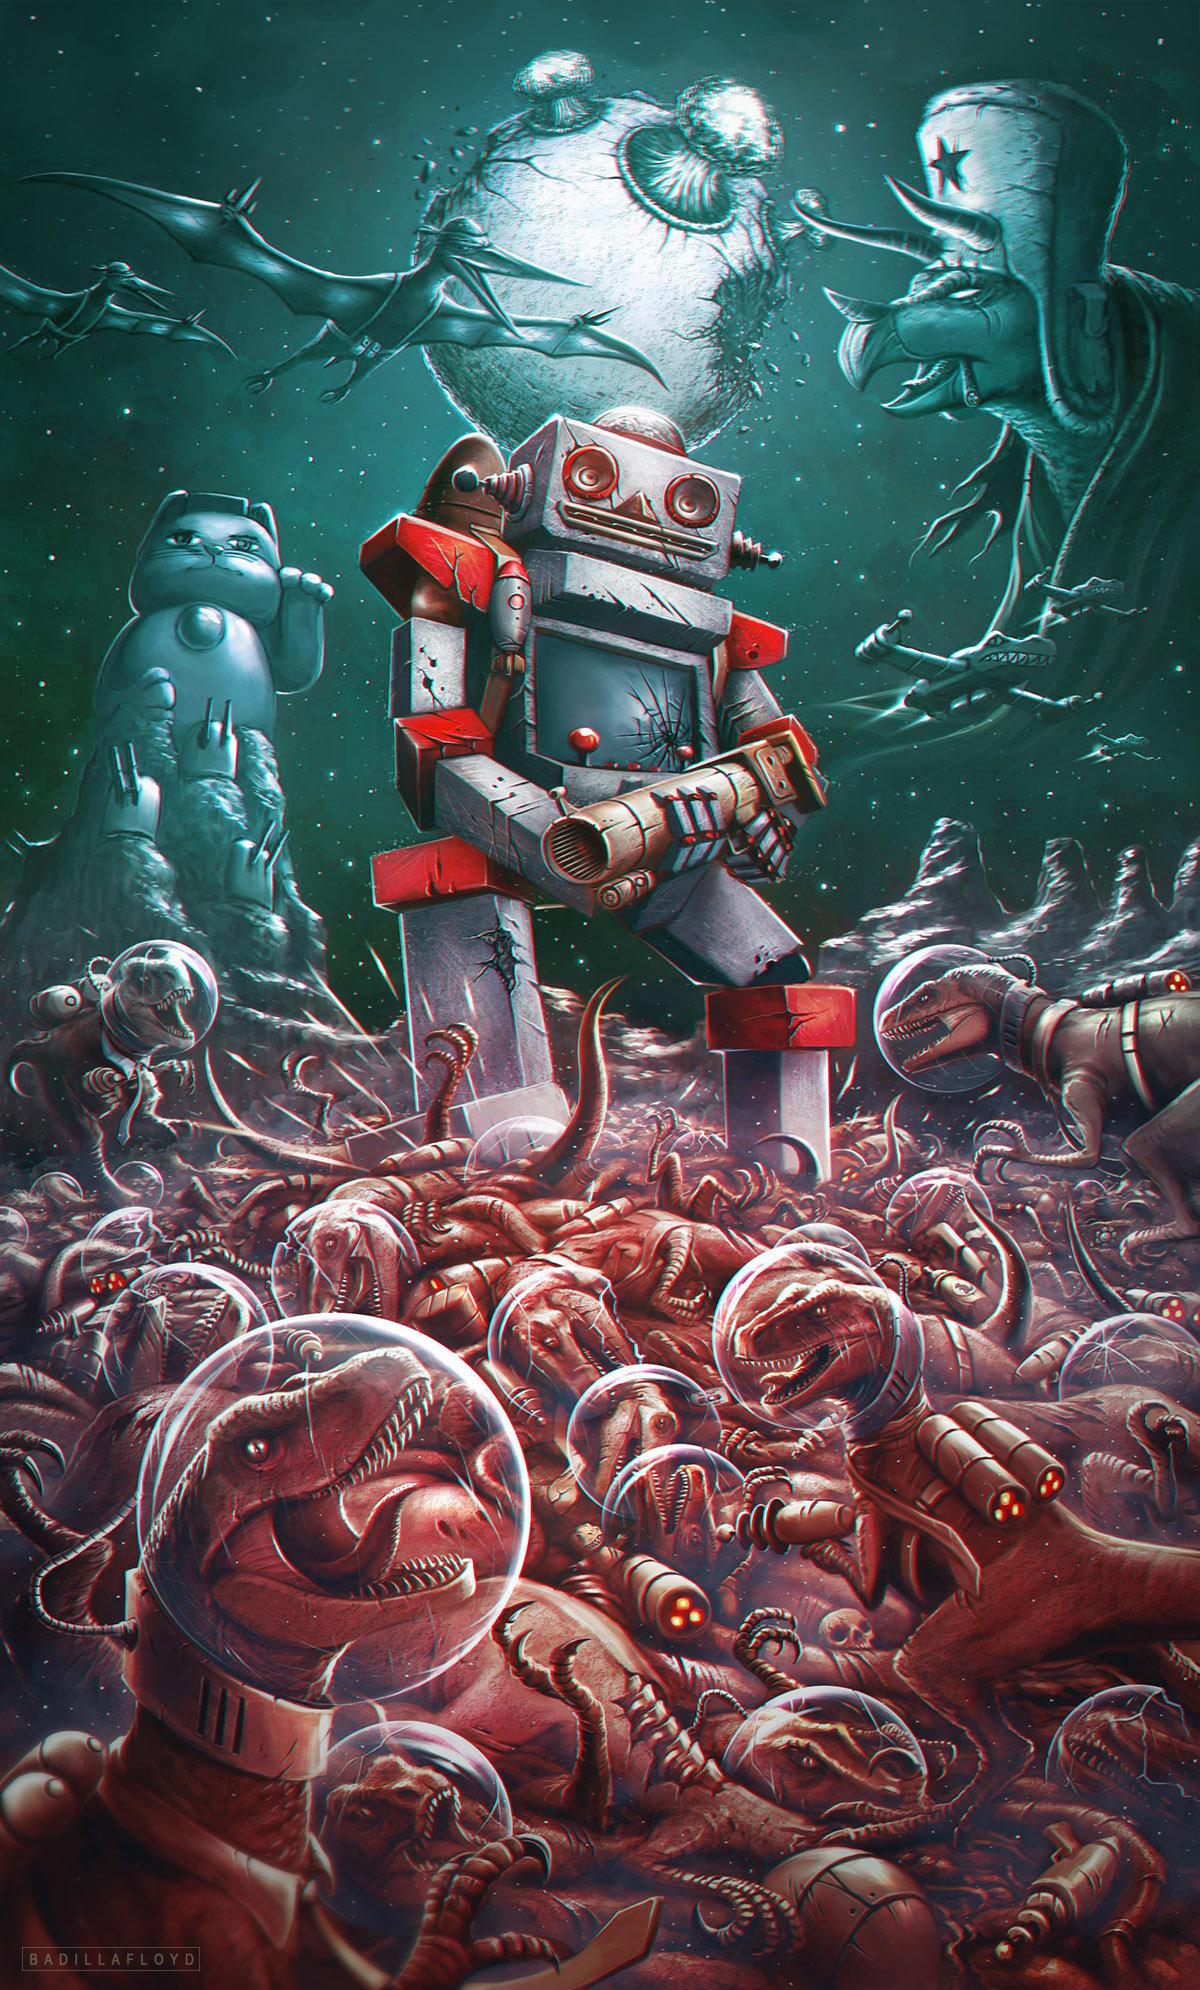 Francisco badilla poster robzybot nueva prueba